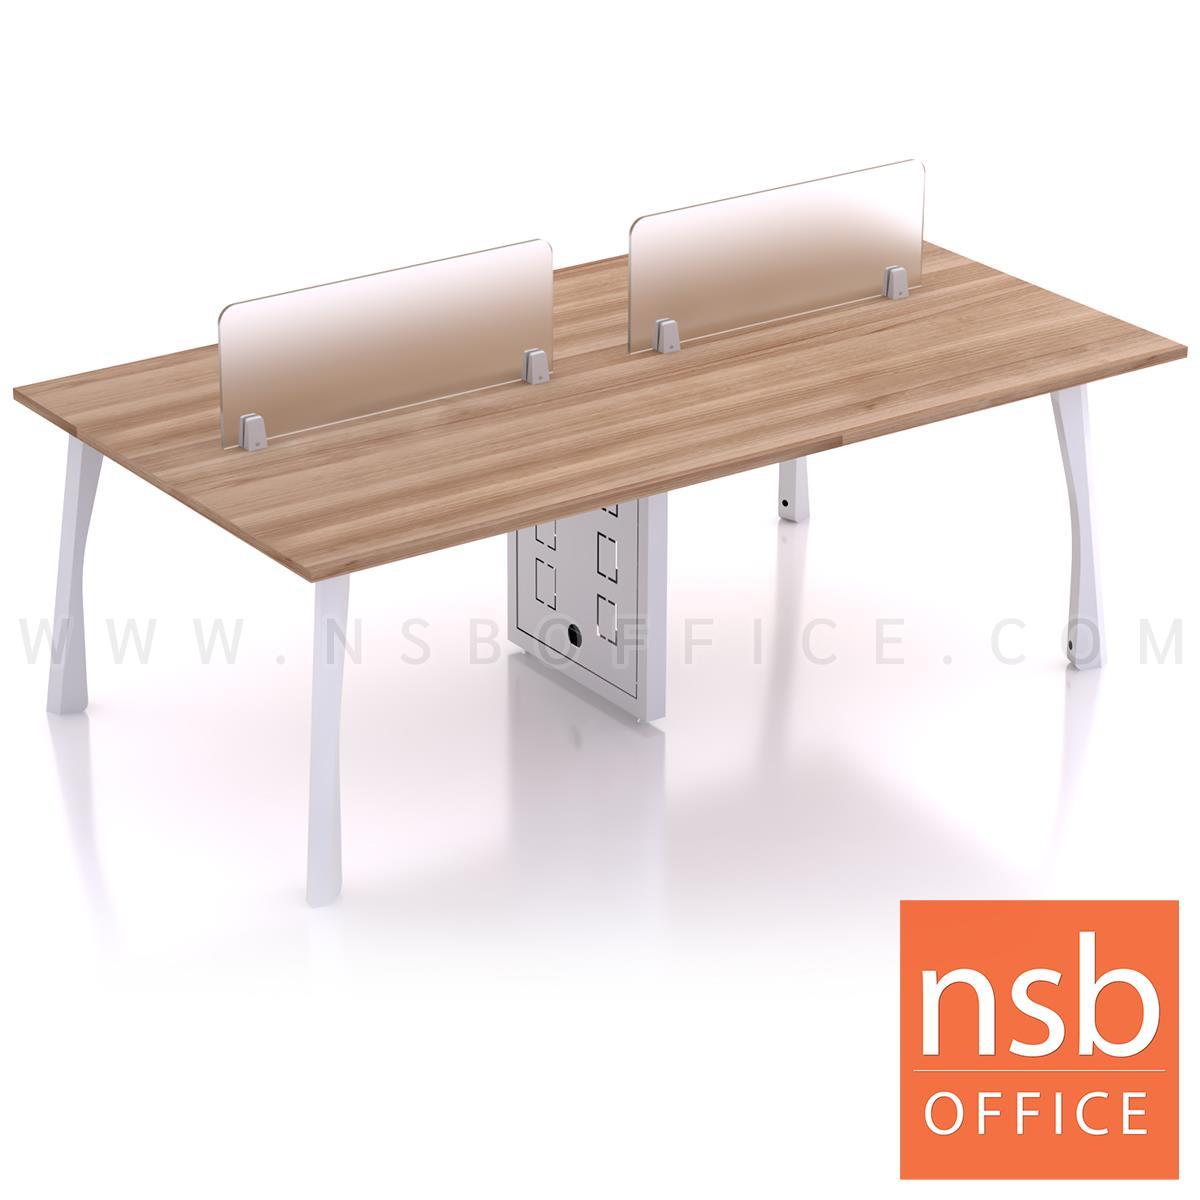 โต๊ะทำงานกลุ่ม รุ่น Shinzo (ชินโซ) ขนาด 240W cm พร้อมมินิสกรีน ขาเหล็ก